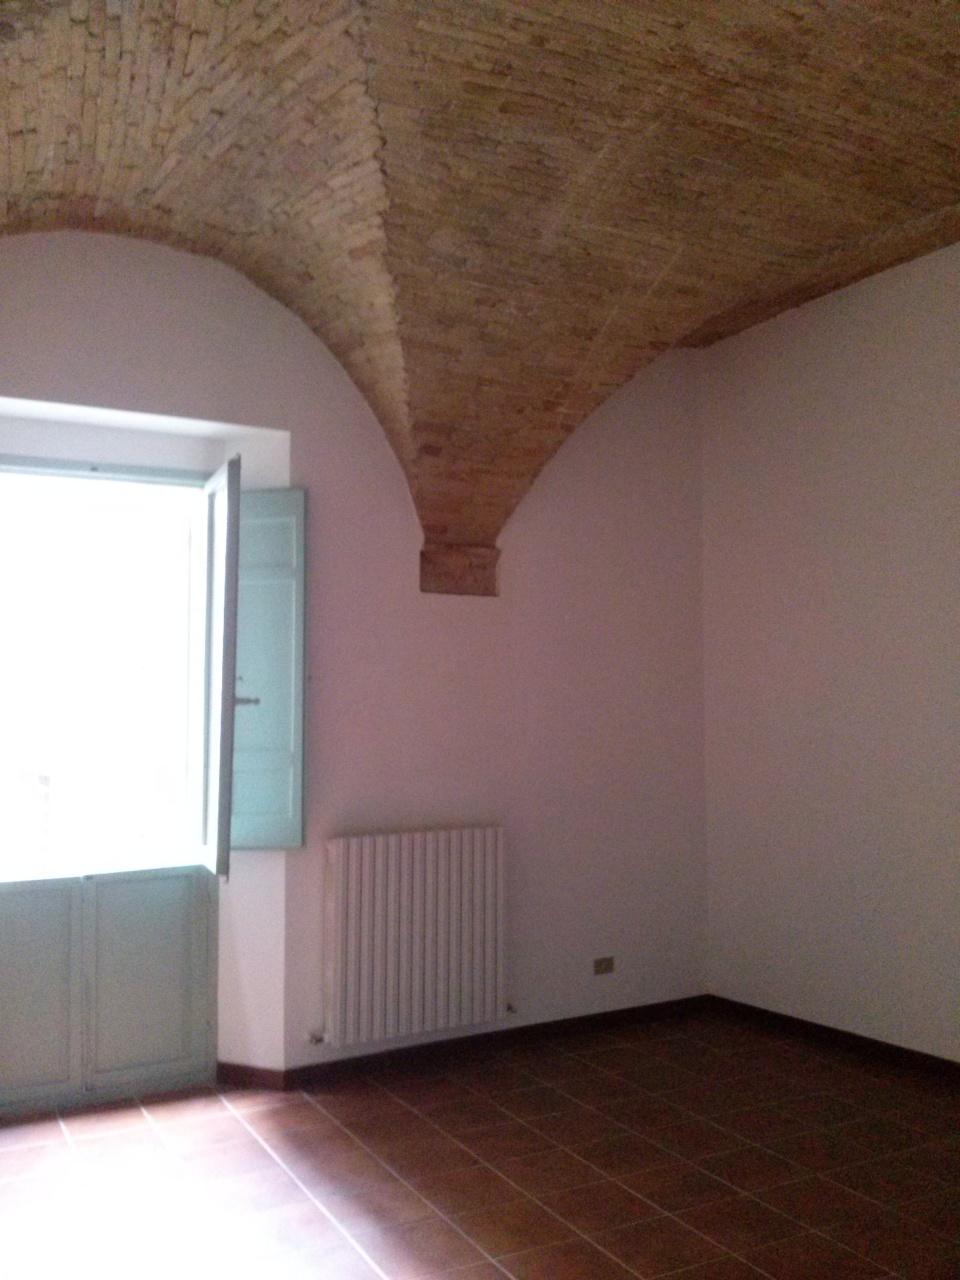 Ufficio / Studio in affitto a Ascoli Piceno, 9999 locali, zona Località: CentroStorico, prezzo € 600 | CambioCasa.it